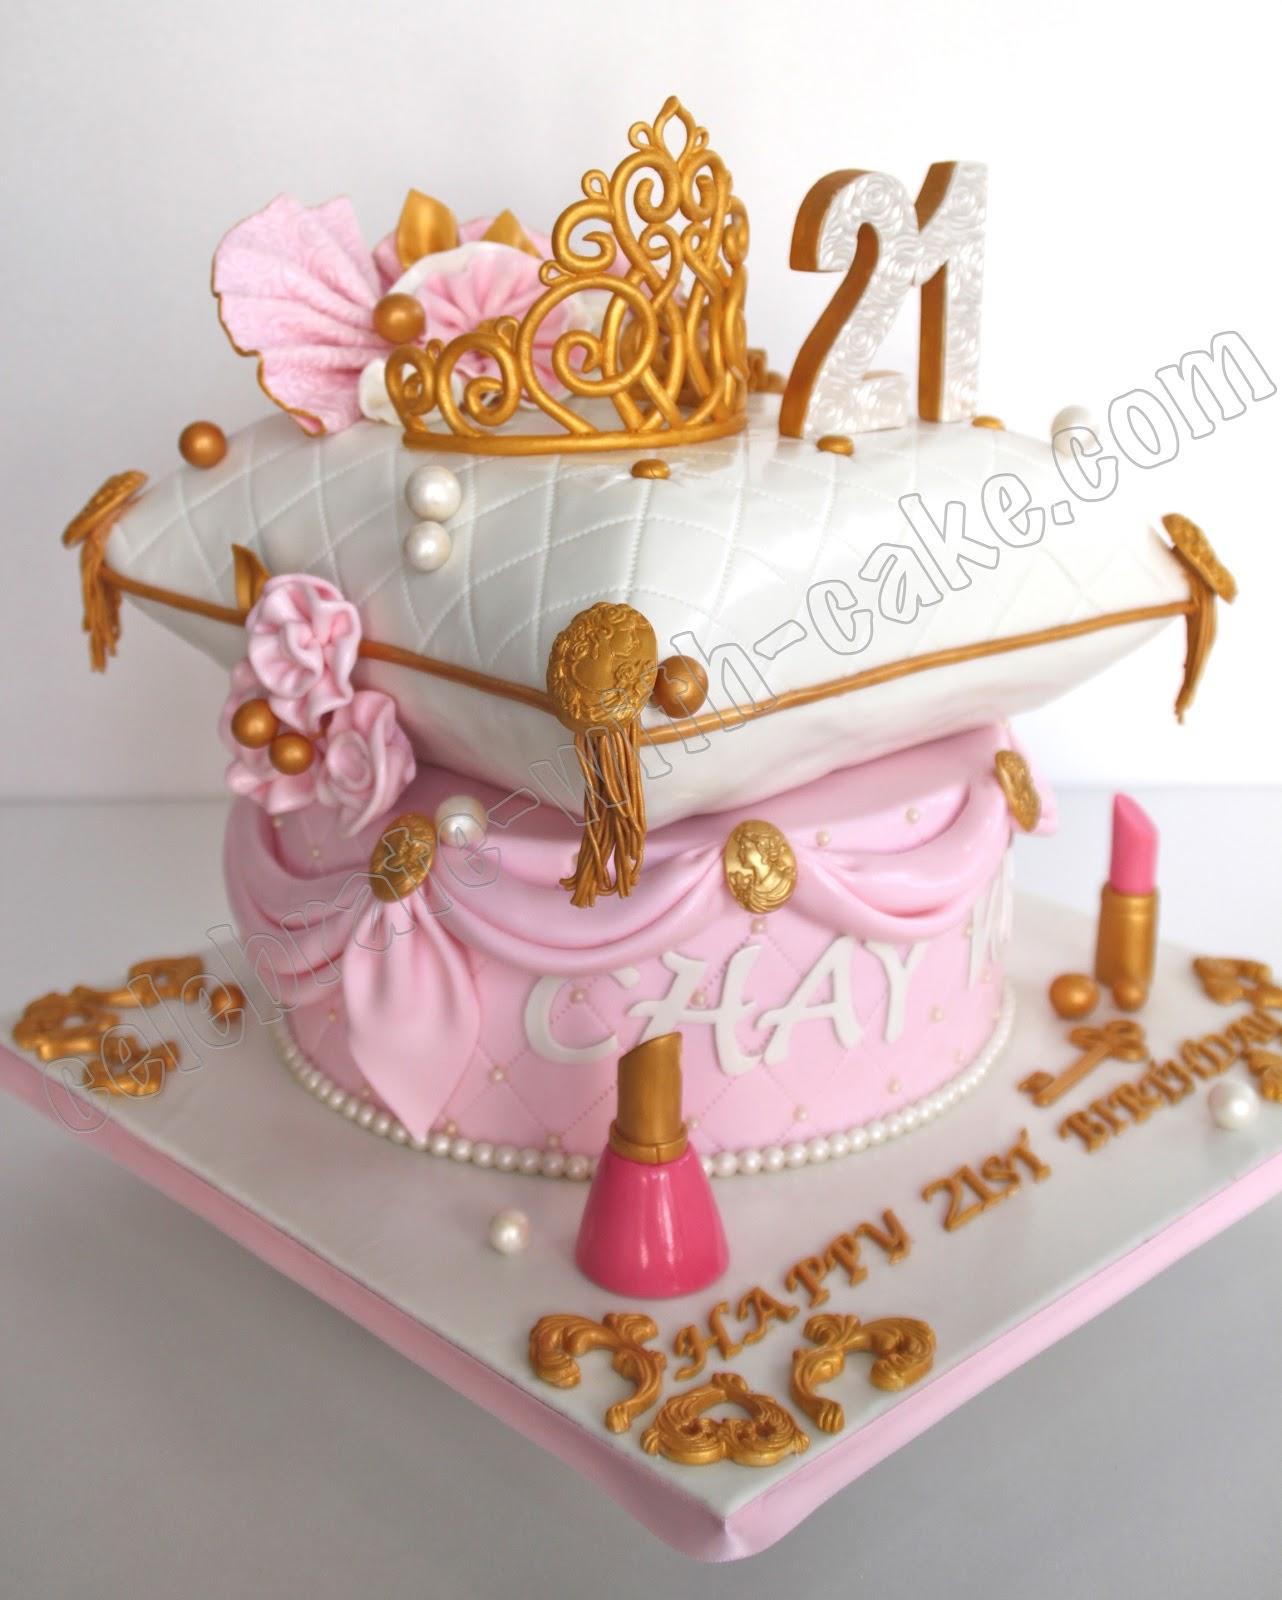 21st Birthday Princess Tiara And Pillow 2 Tier Cake